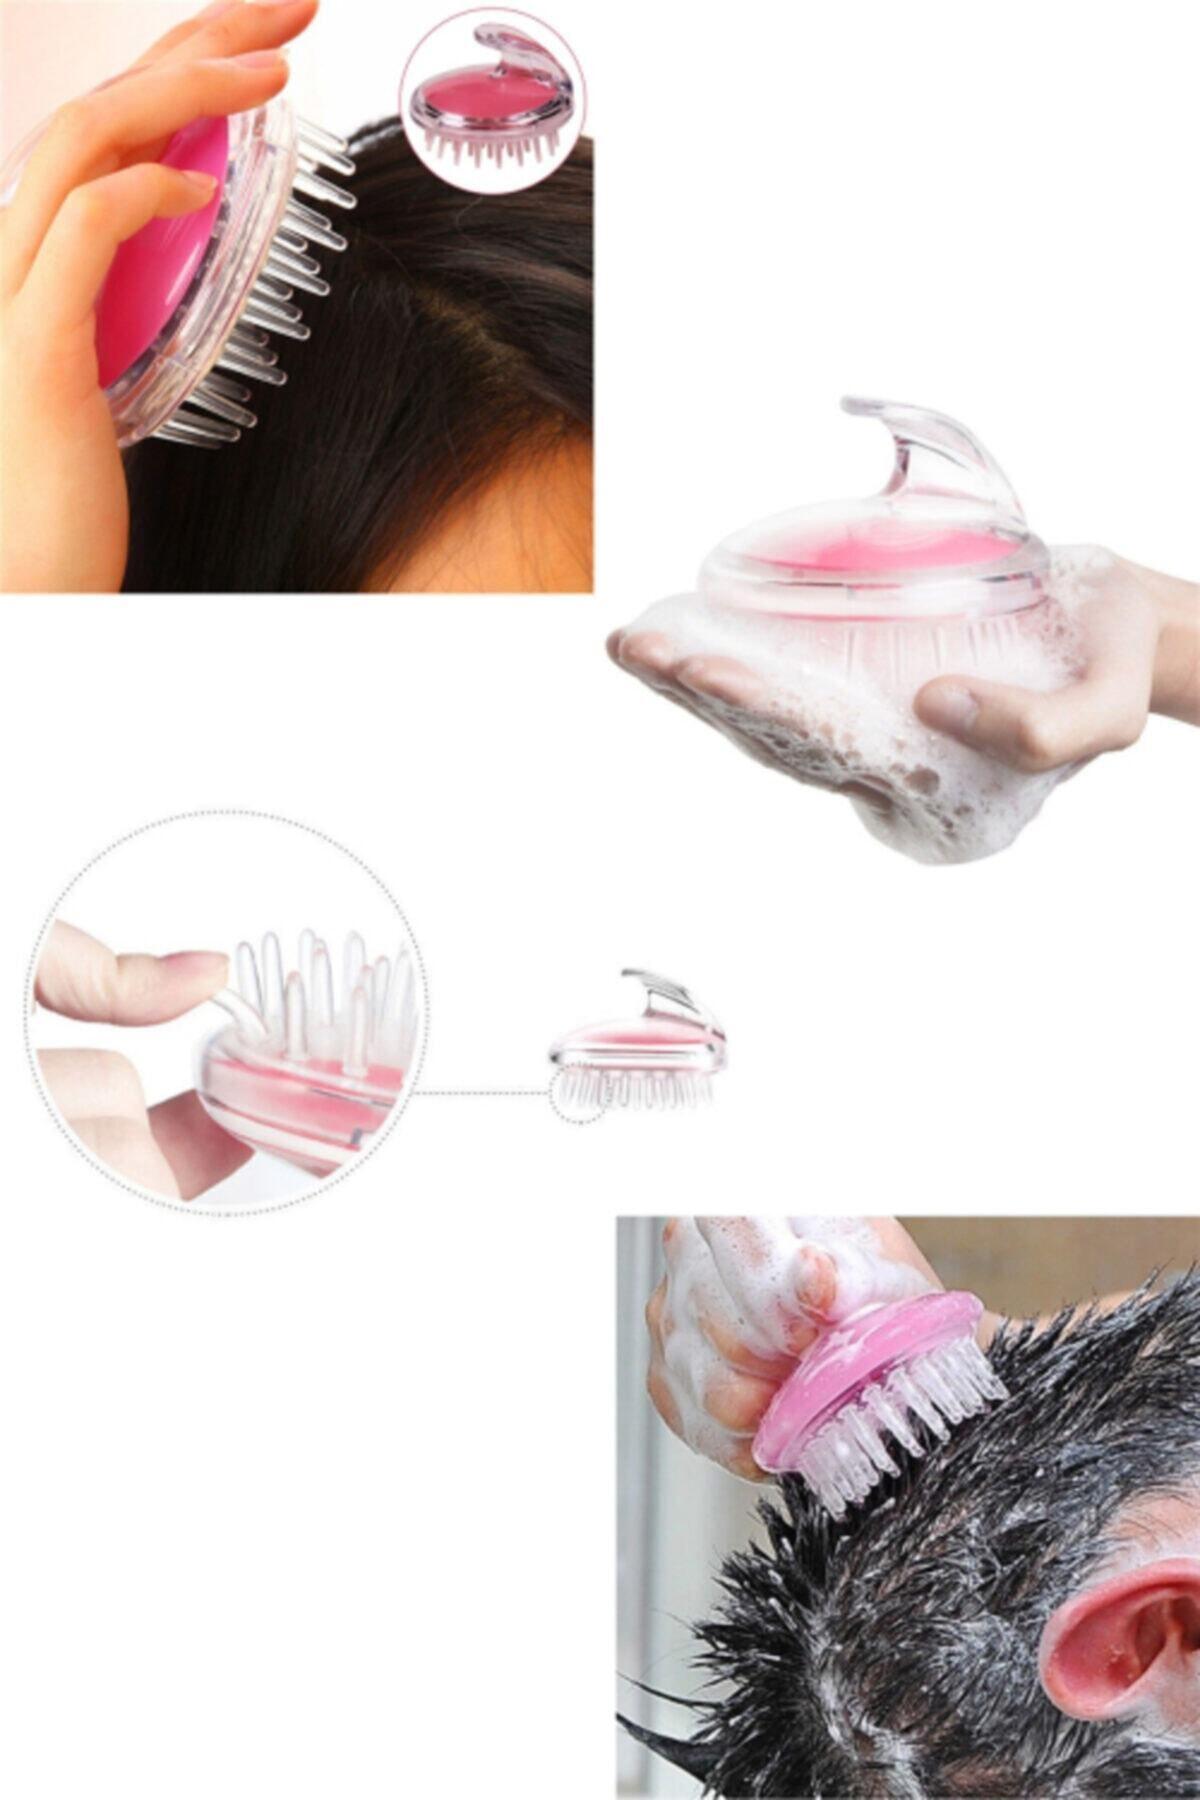 Selenica Yumuşak Silikon Dişli Saç Derisi Masaj Şampuan Duş Fırçası, Yetişkin, Çocuk, Evcil Hayvan Için 1